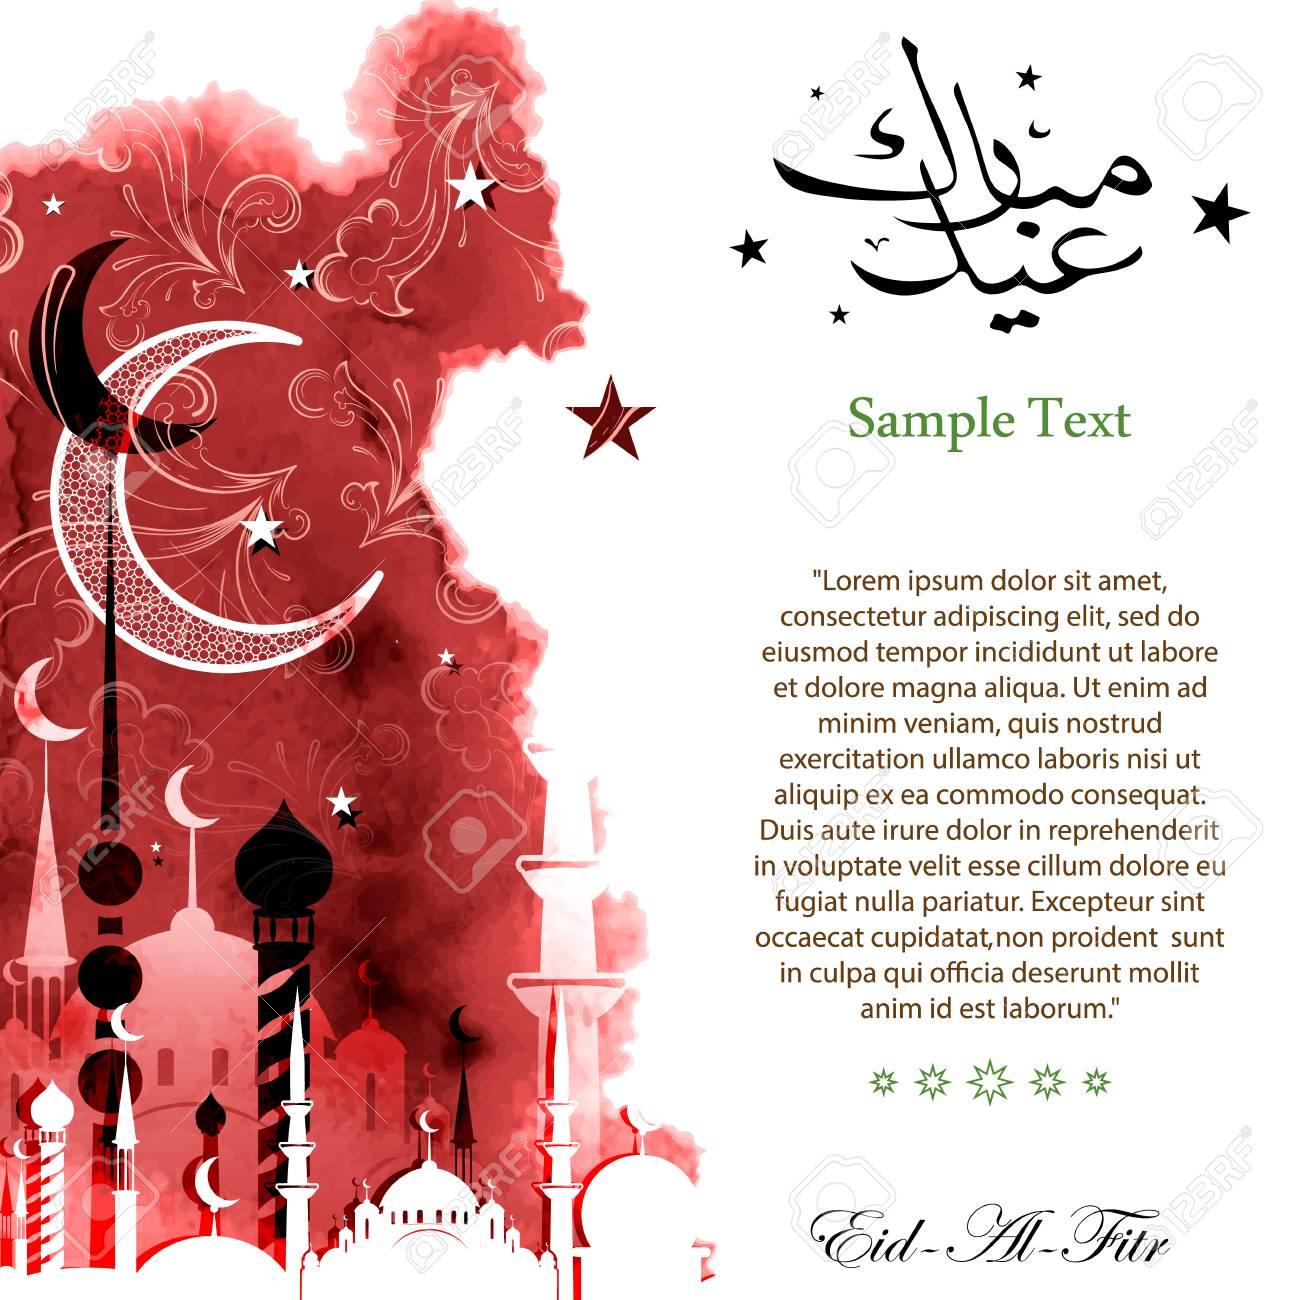 Wonderful Arbi English Eid Al-Fitr 2018 - 79455071-ramadan-mubarak-card-with-arabic-calligraphy-eid-al-adha-eid-al-fitr-arabic-text-happy-holiday-vecto  Graphic_88117 .jpg